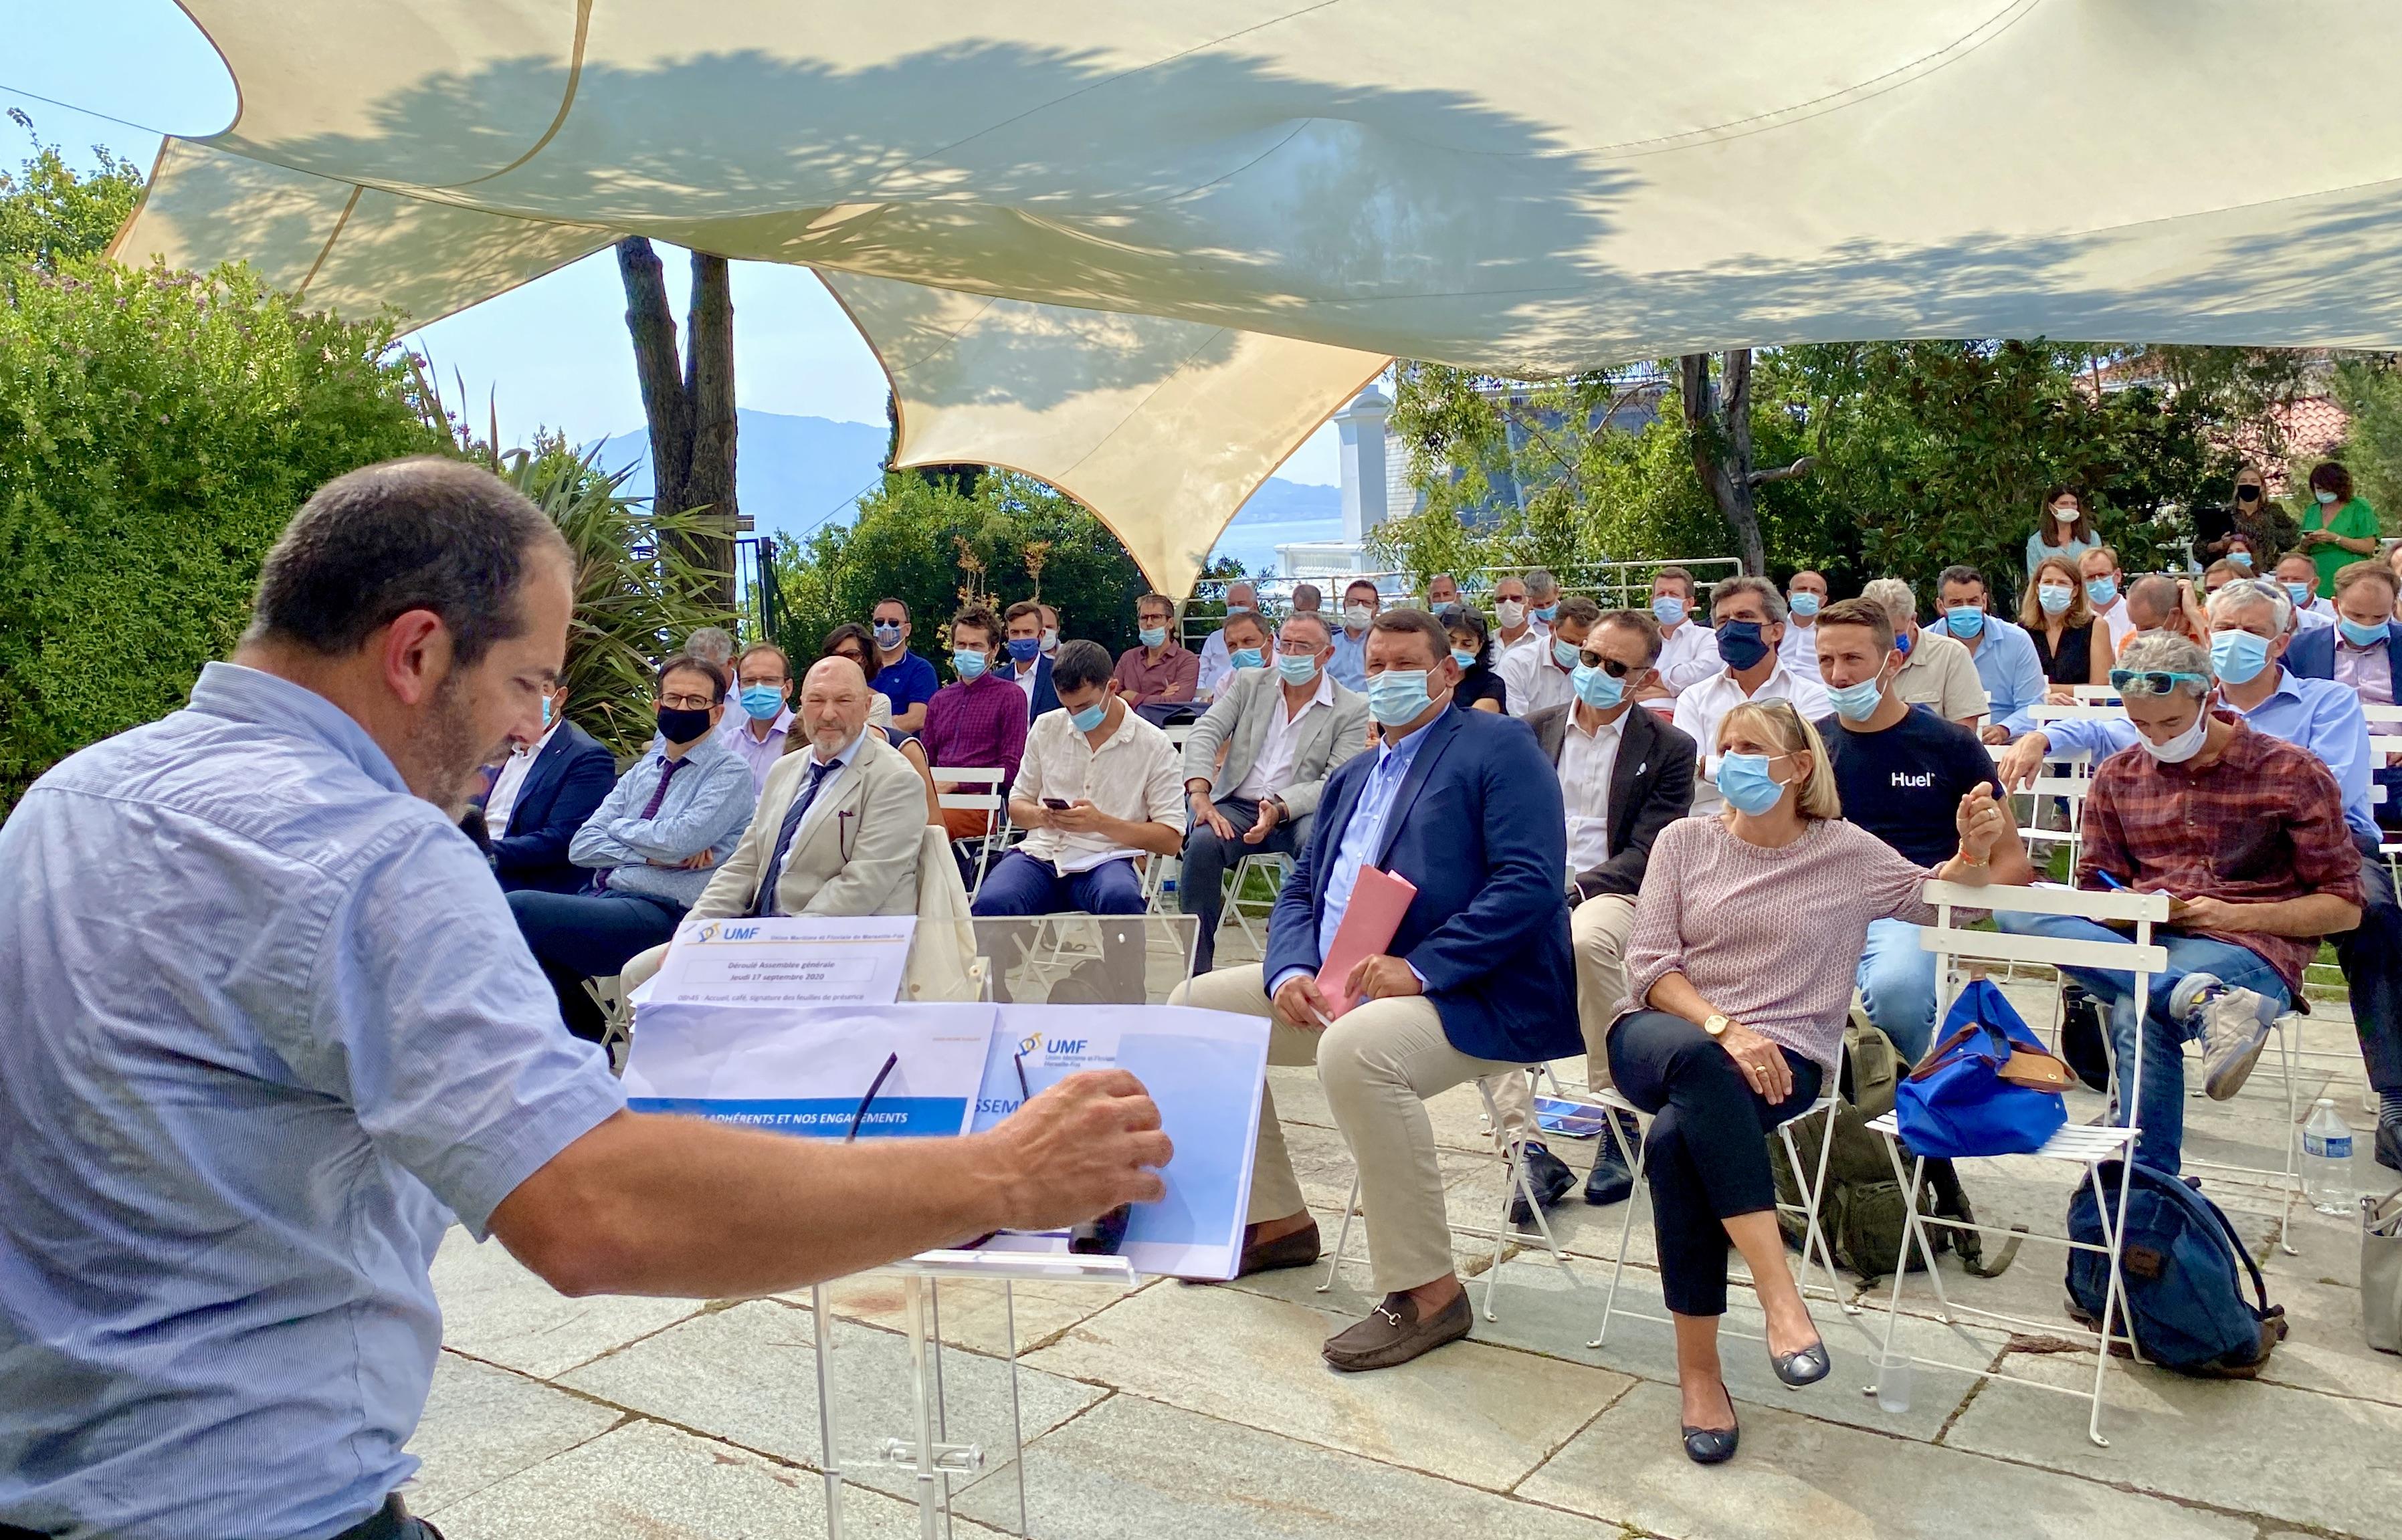 Réunis sous l'égide de l'Union maritime et Fluviale, la grande famille du shipping s'est  retrouvée le 17 septembre à la villa Gaby sur la Corniche à Marseille pour présenter le Pacte d'engagement pour la relance et la compétitivité de la place portuaire. ©N.B.C